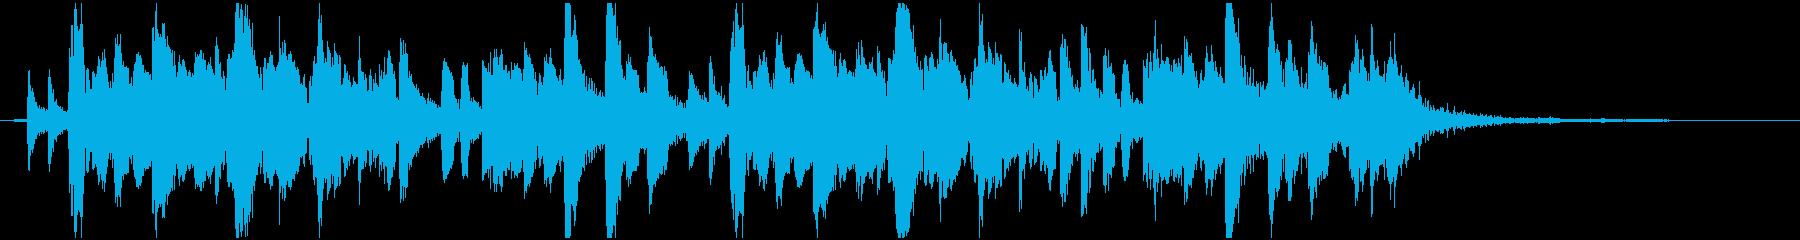 琴、尺八、三味線と祭囃子の和風曲 12秒の再生済みの波形